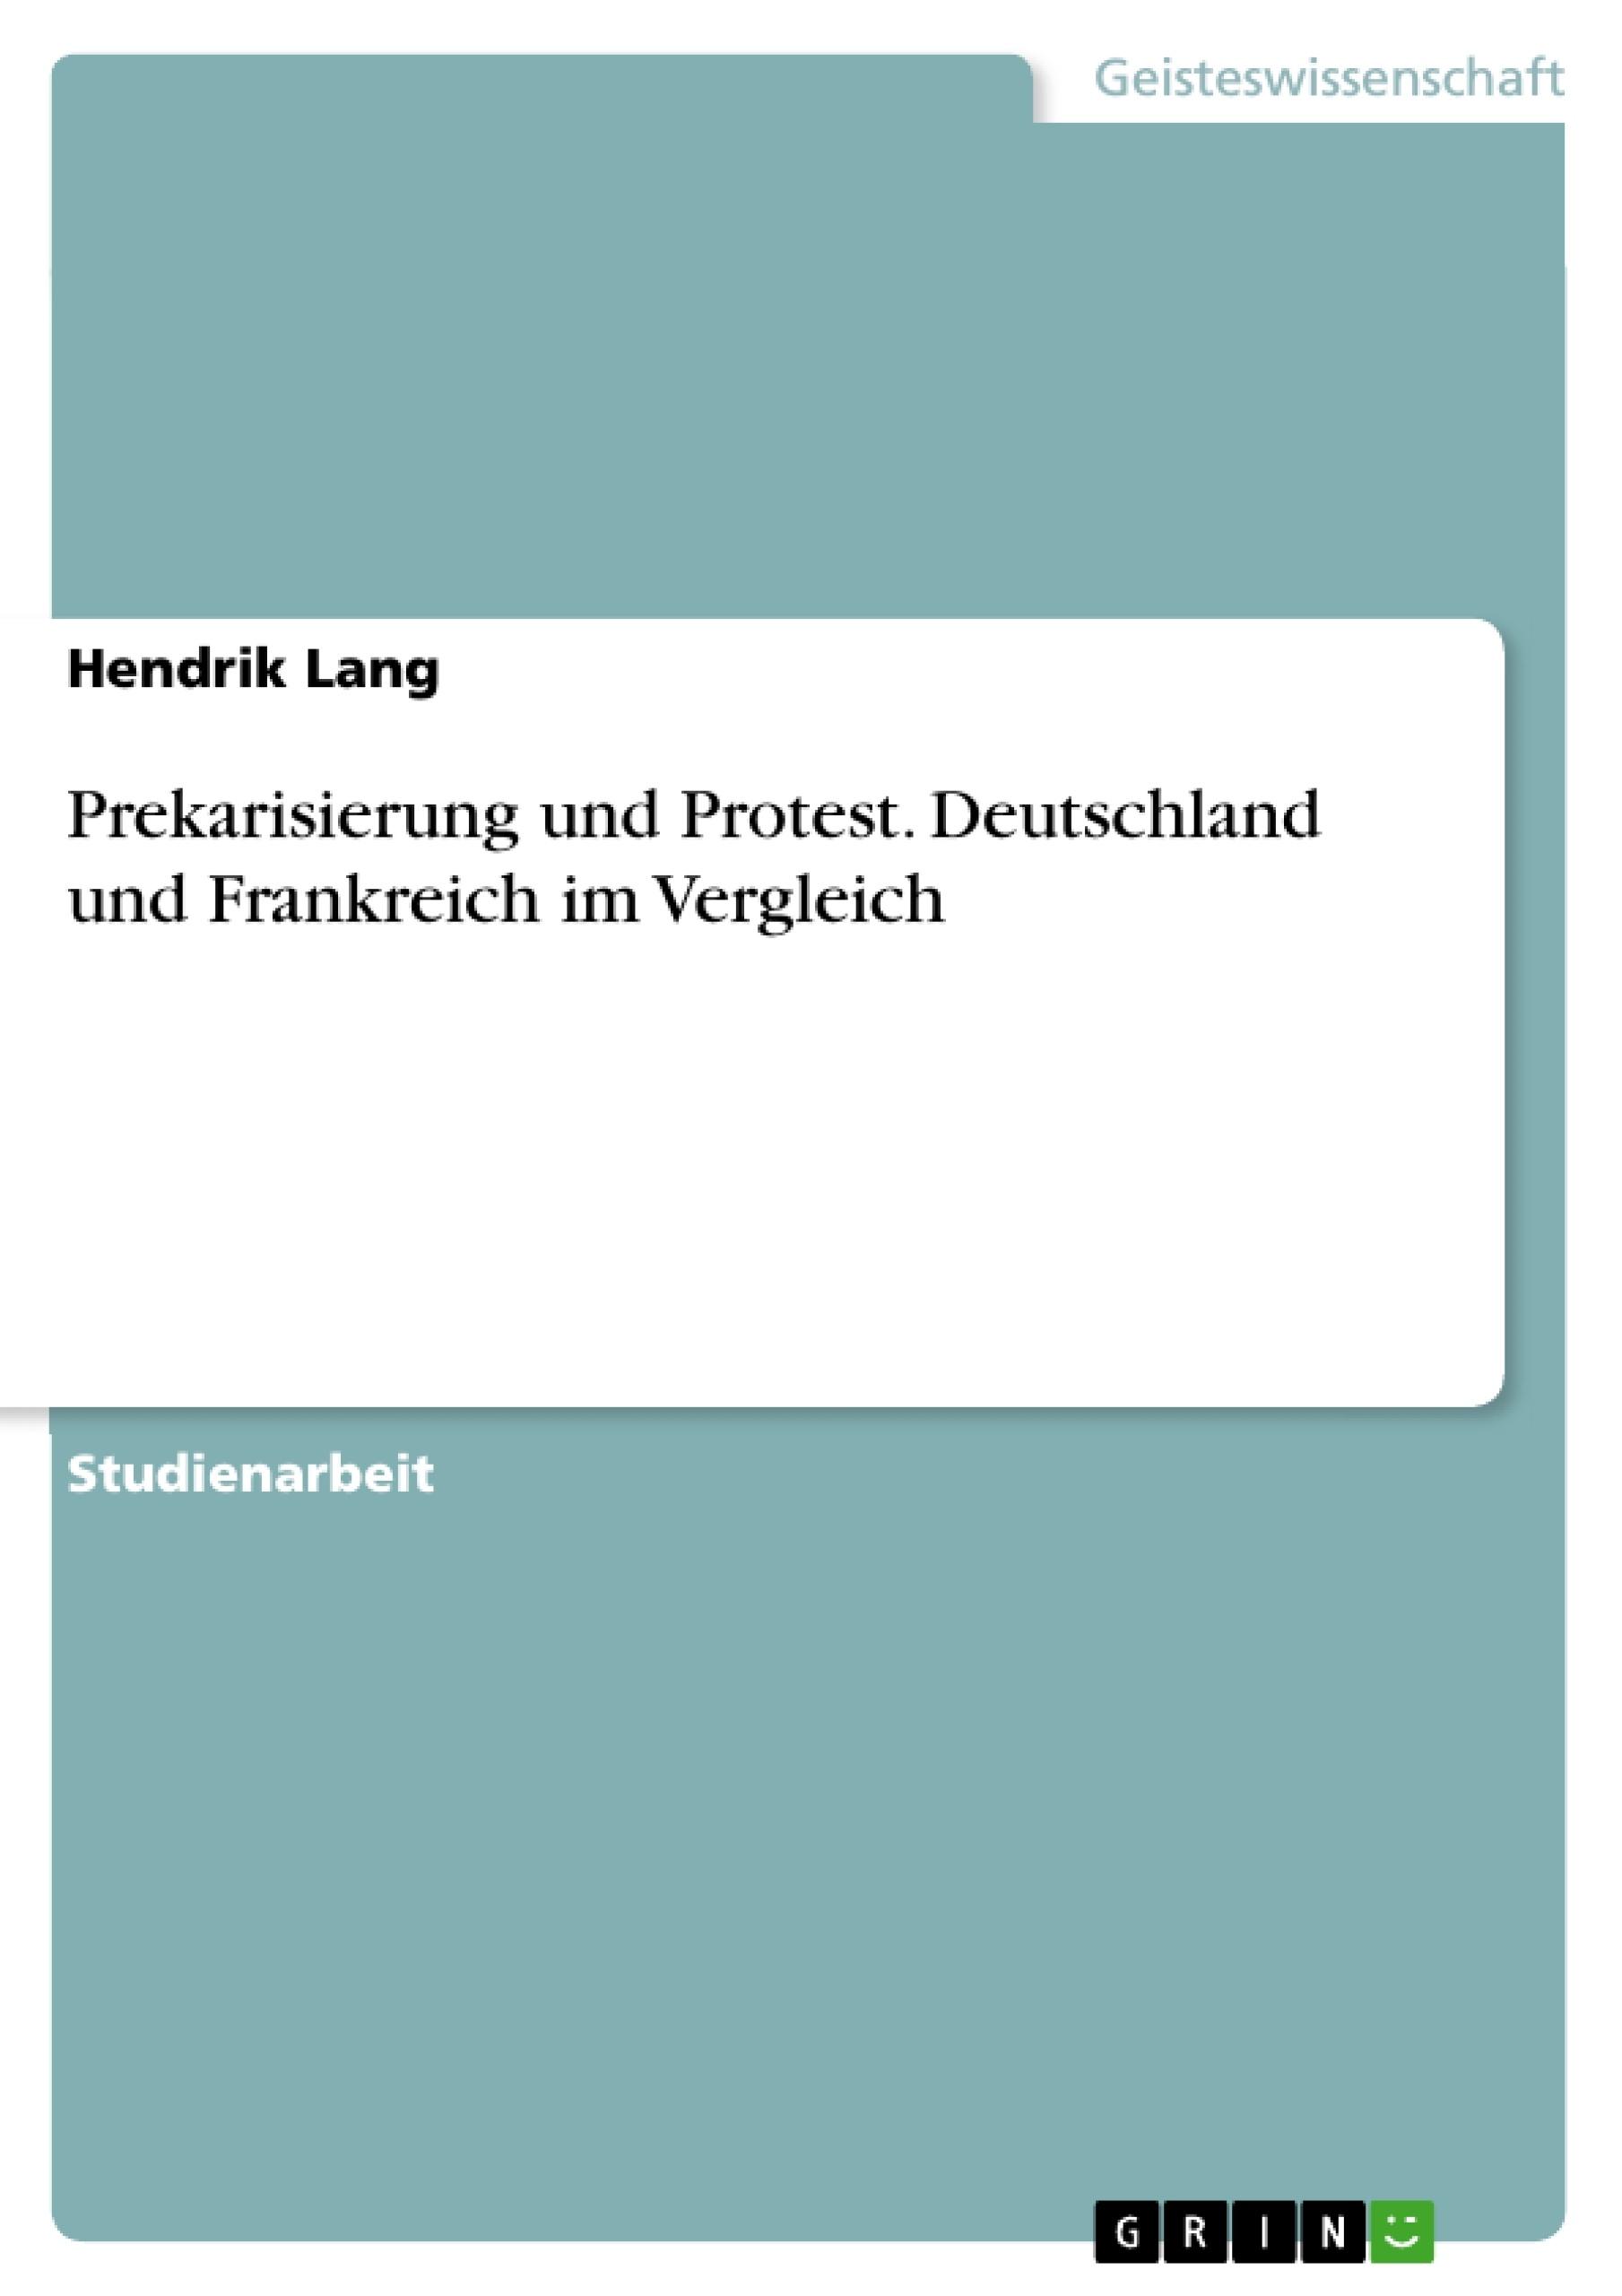 Titel: Prekarisierung und Protest. Deutschland und Frankreich im Vergleich